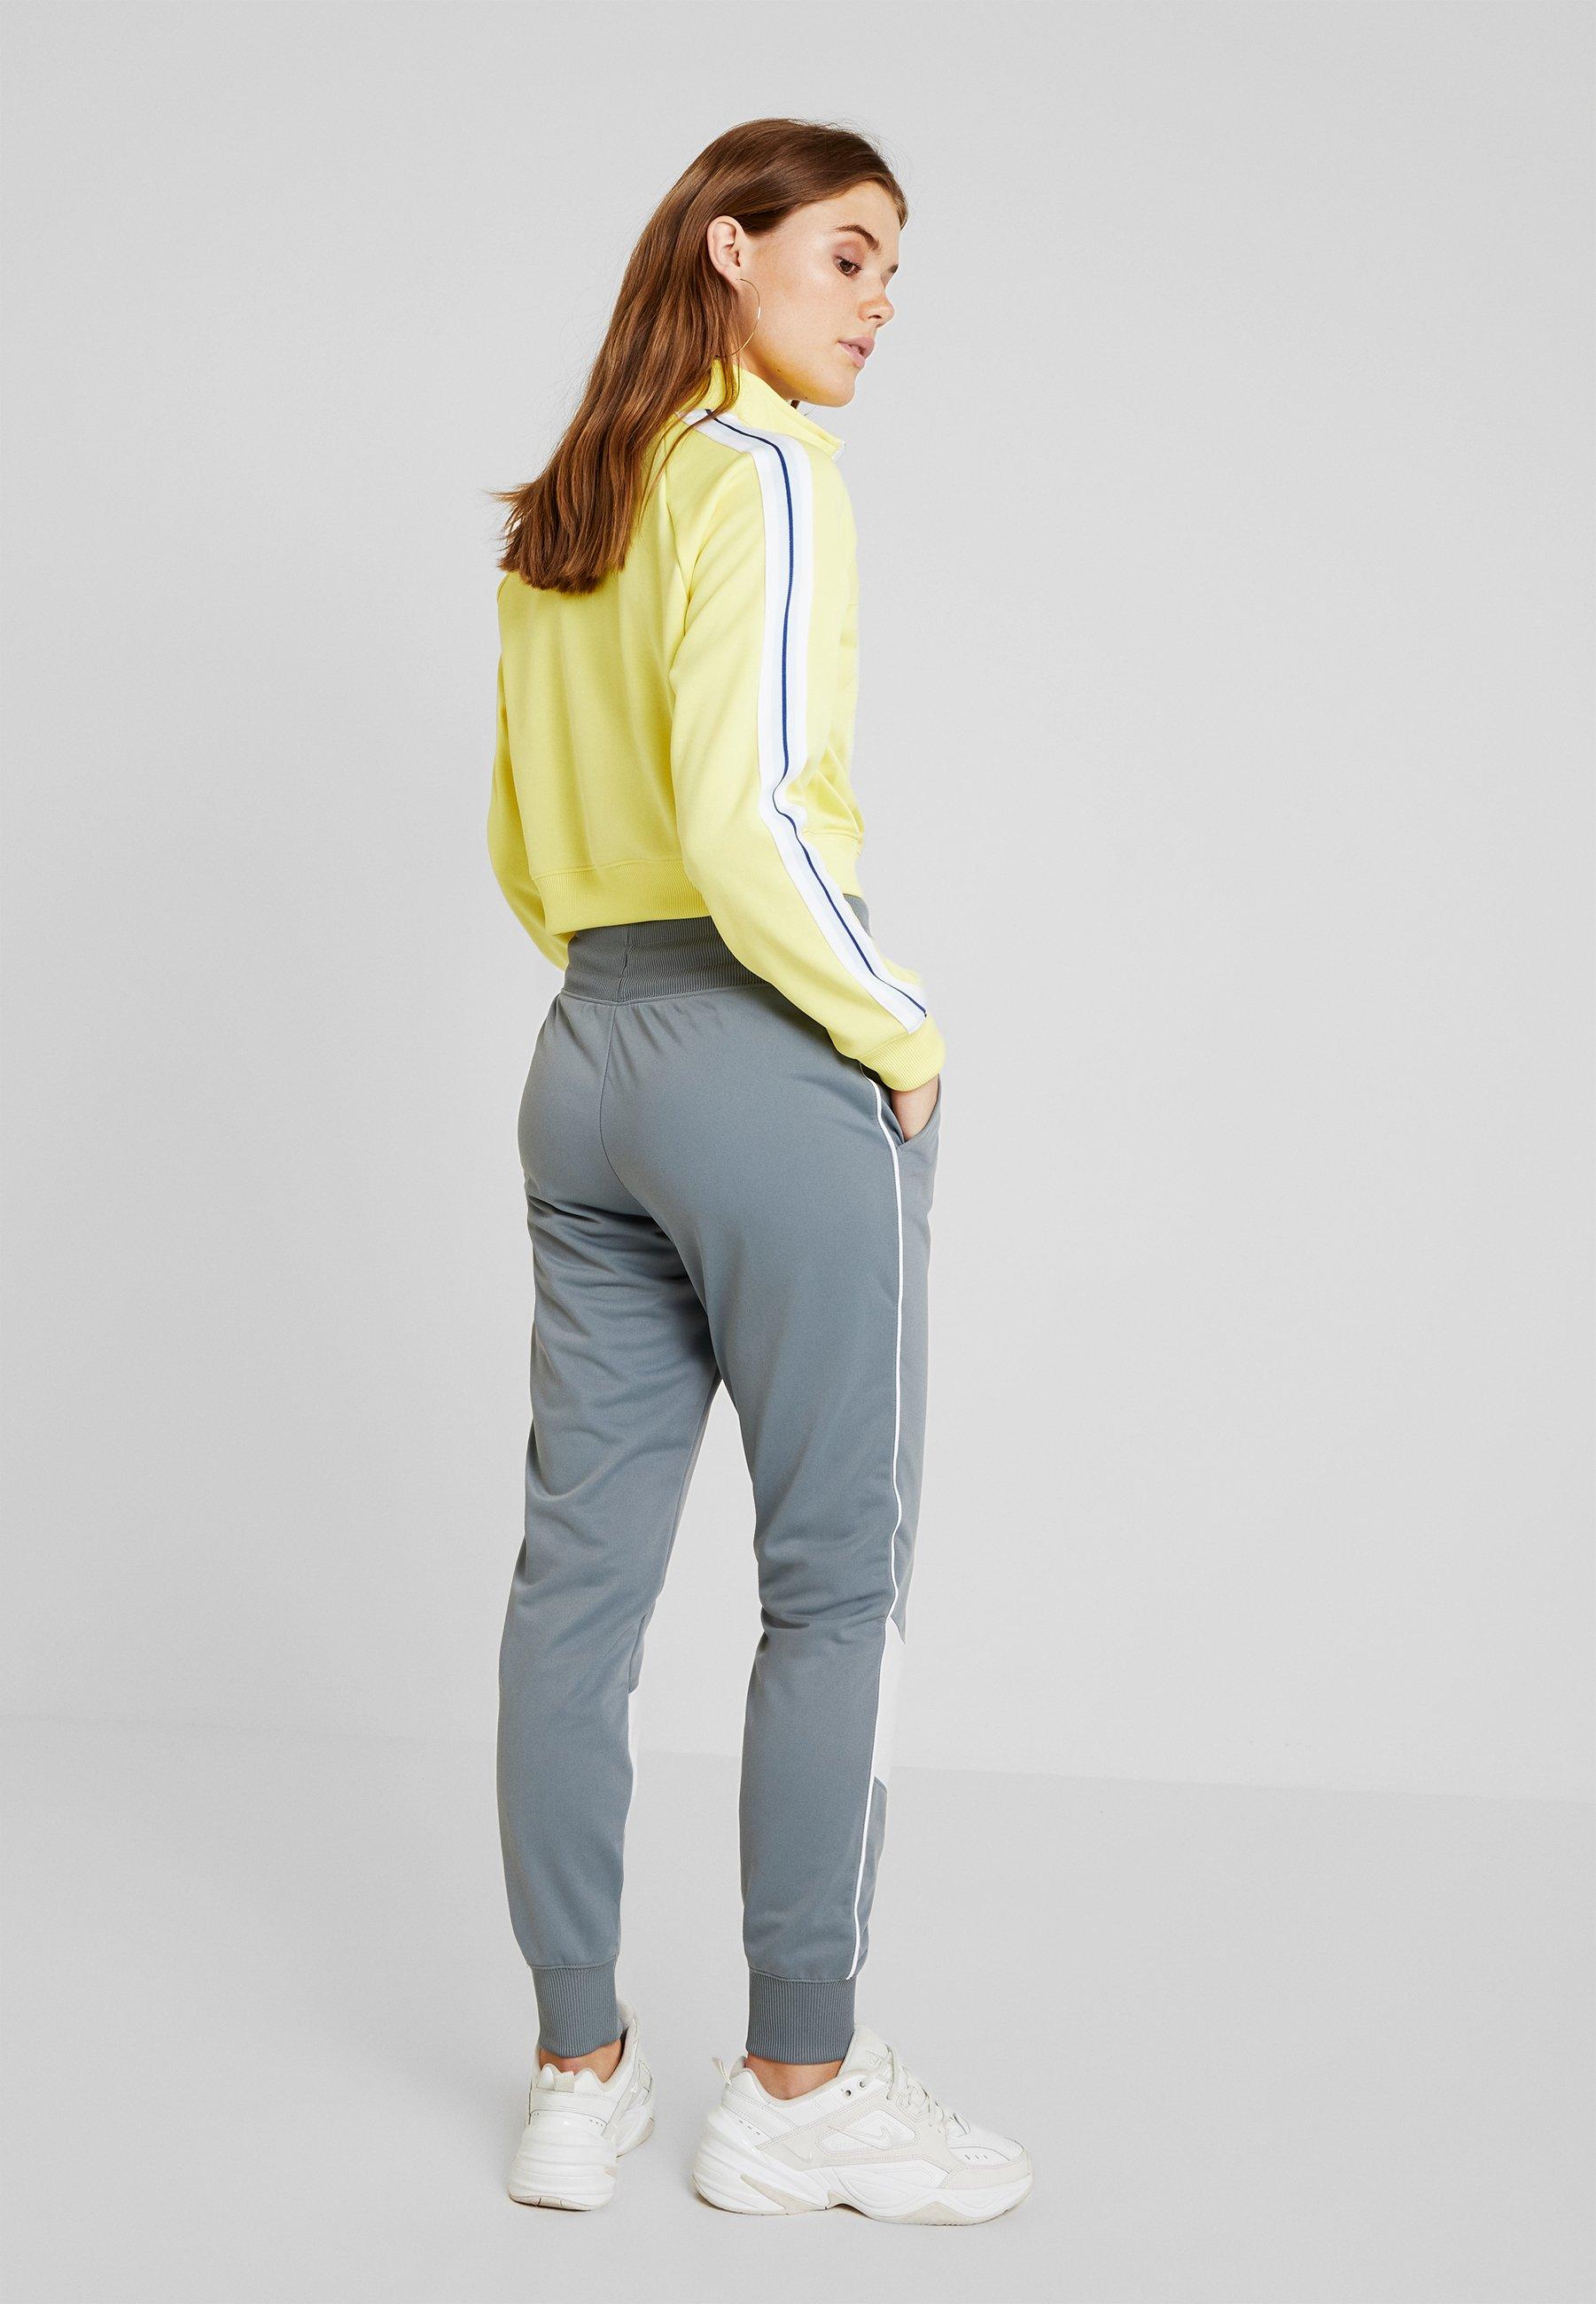 Cool Survêtement Grey Sportswear white PantPantalon De Nike L34Rq5jcA